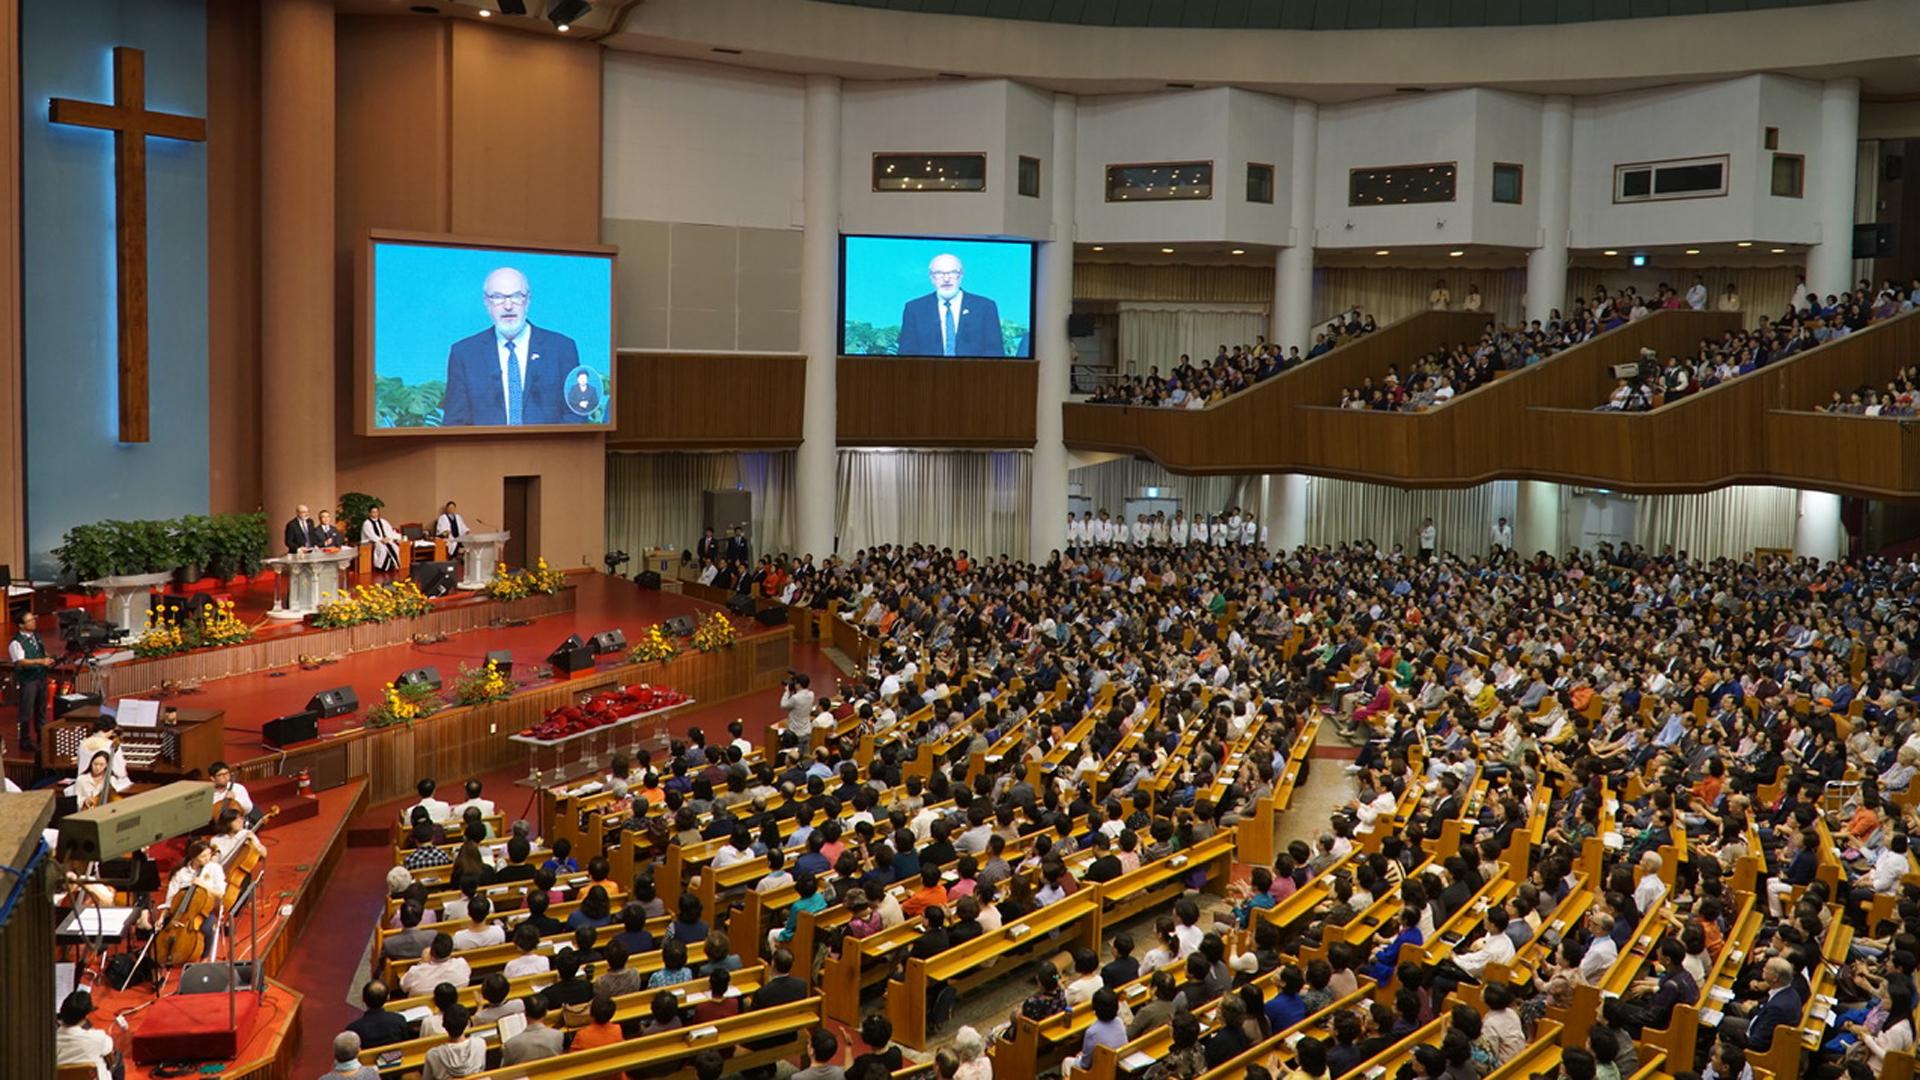 """Schirrmacher bei der Predigt in der größten Kirchengemeinde der Welt, der """"Yoido Full Gospel Church"""", mit 20.000 Zuhörern in der Kirche und geschätzt hunderttausenden in ganz Asien"""